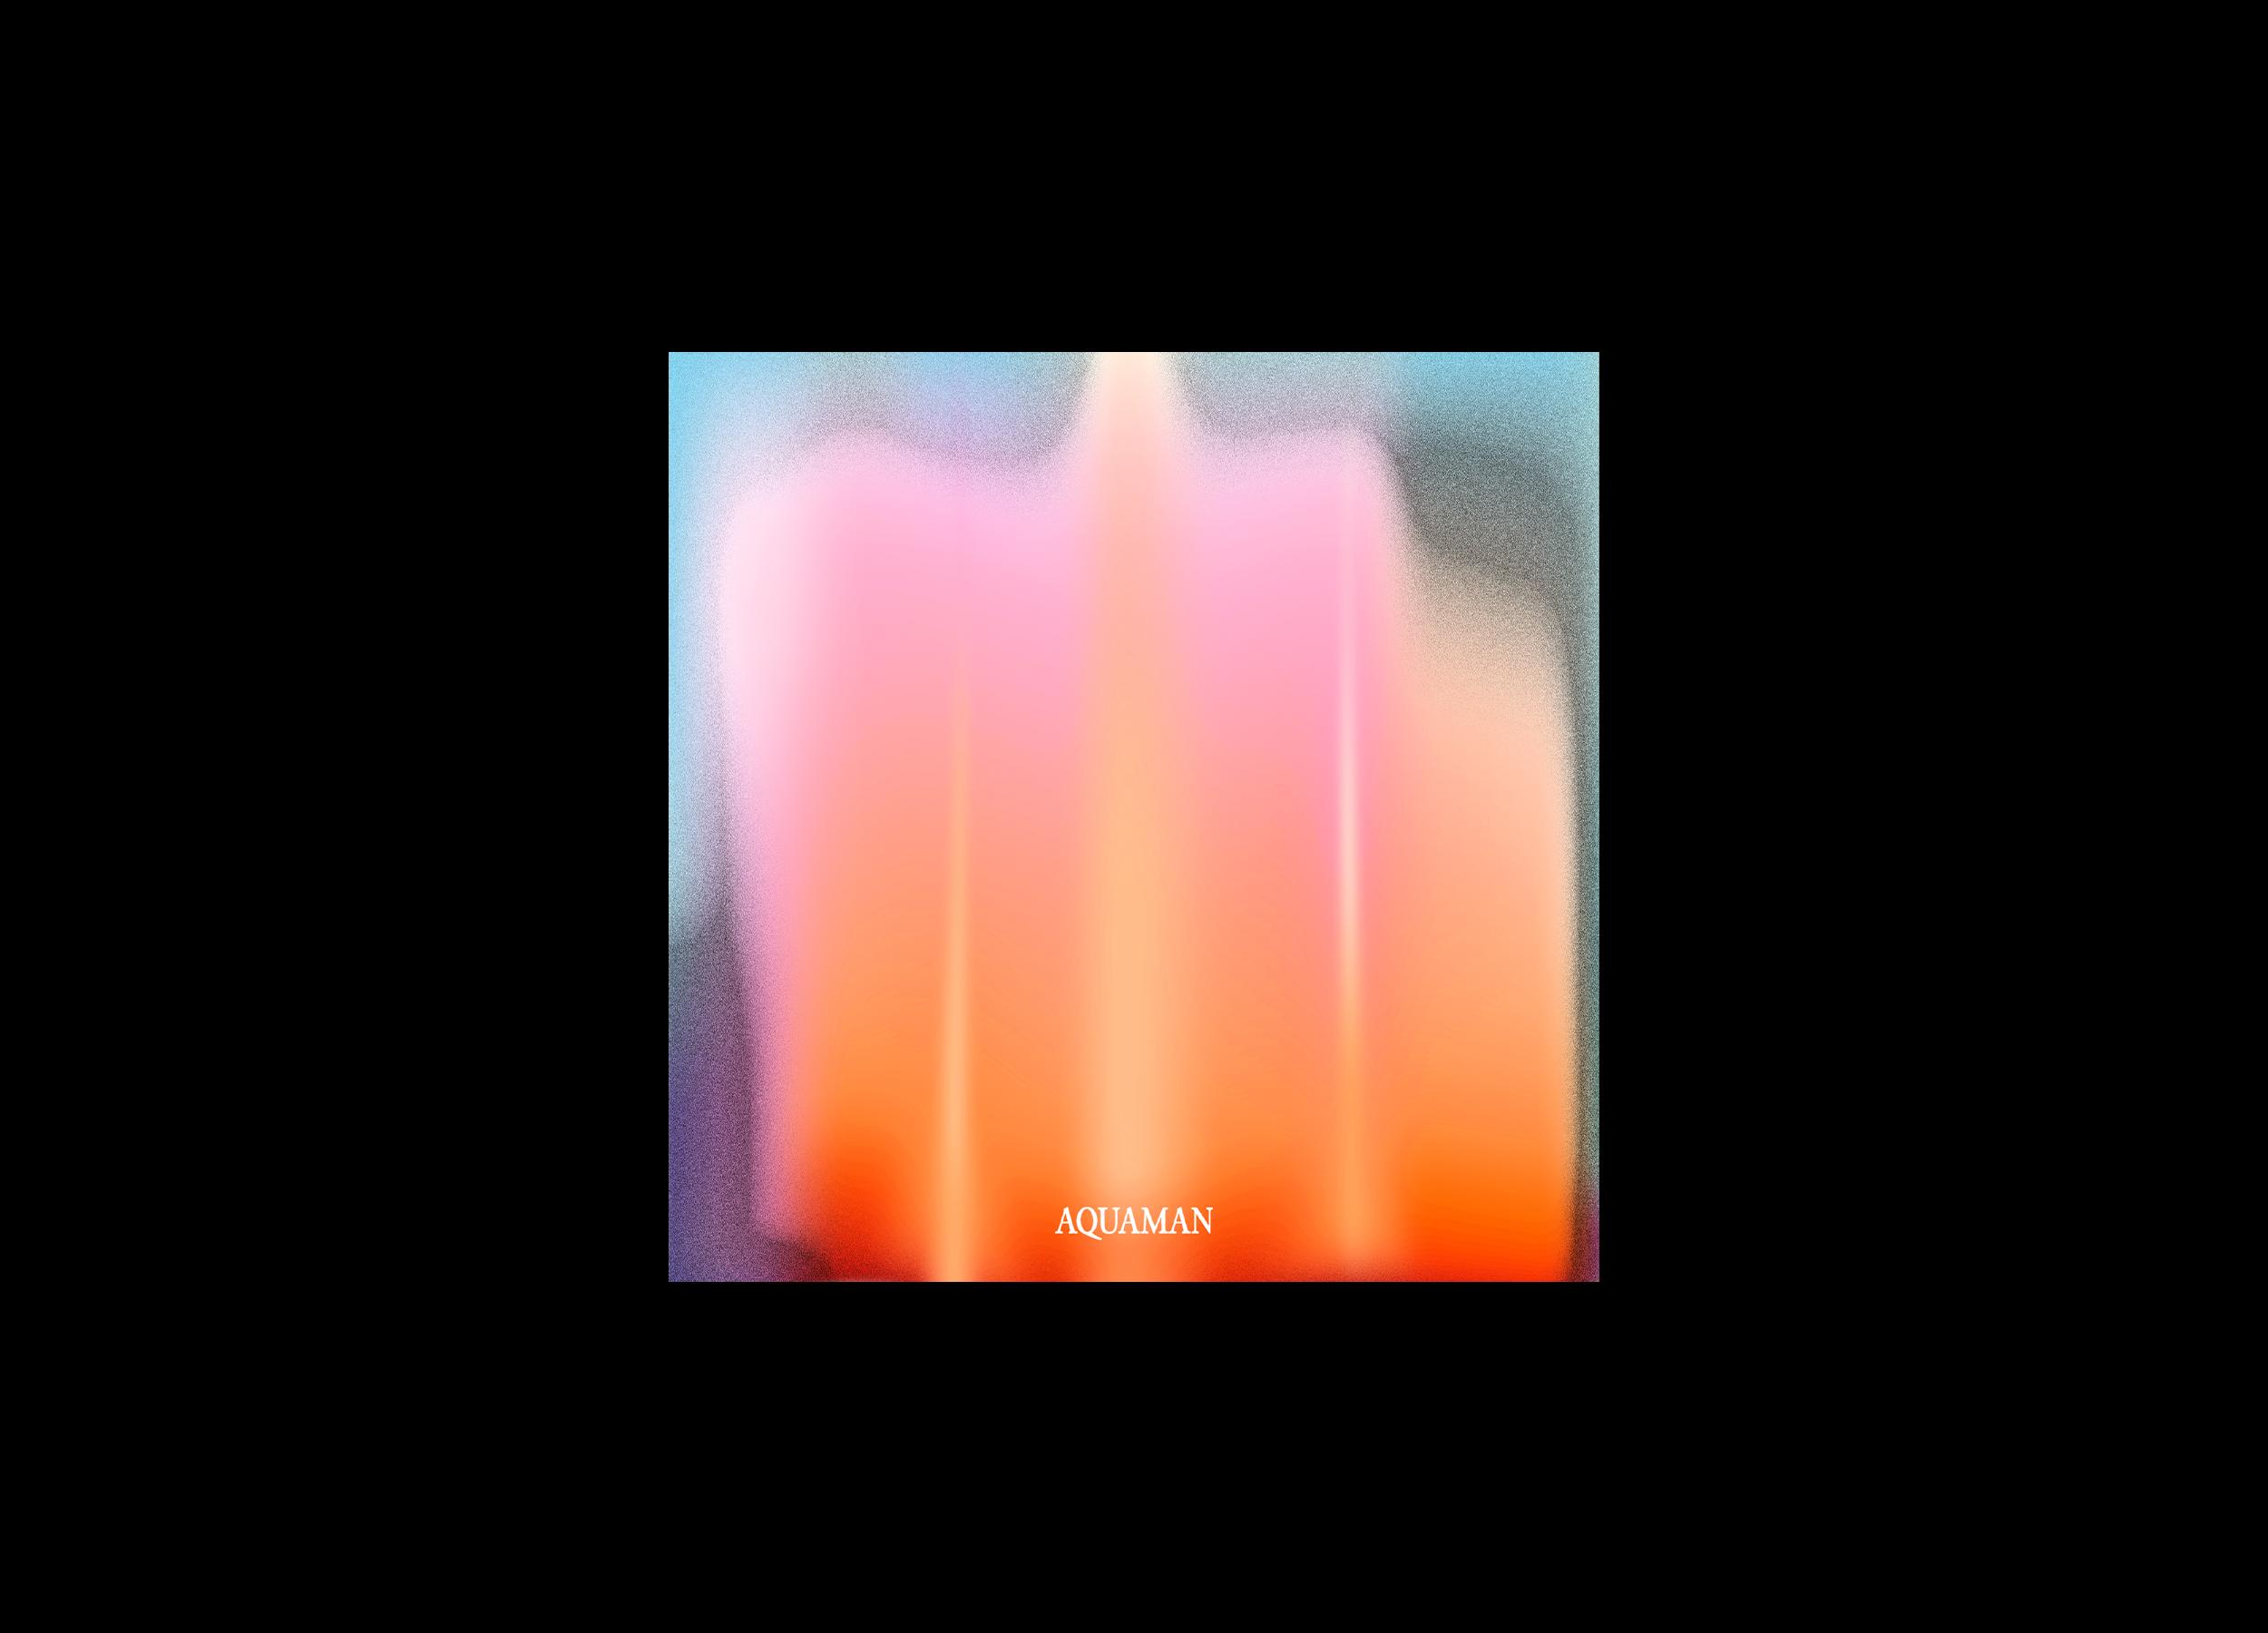 Aquaman Album Cover Design